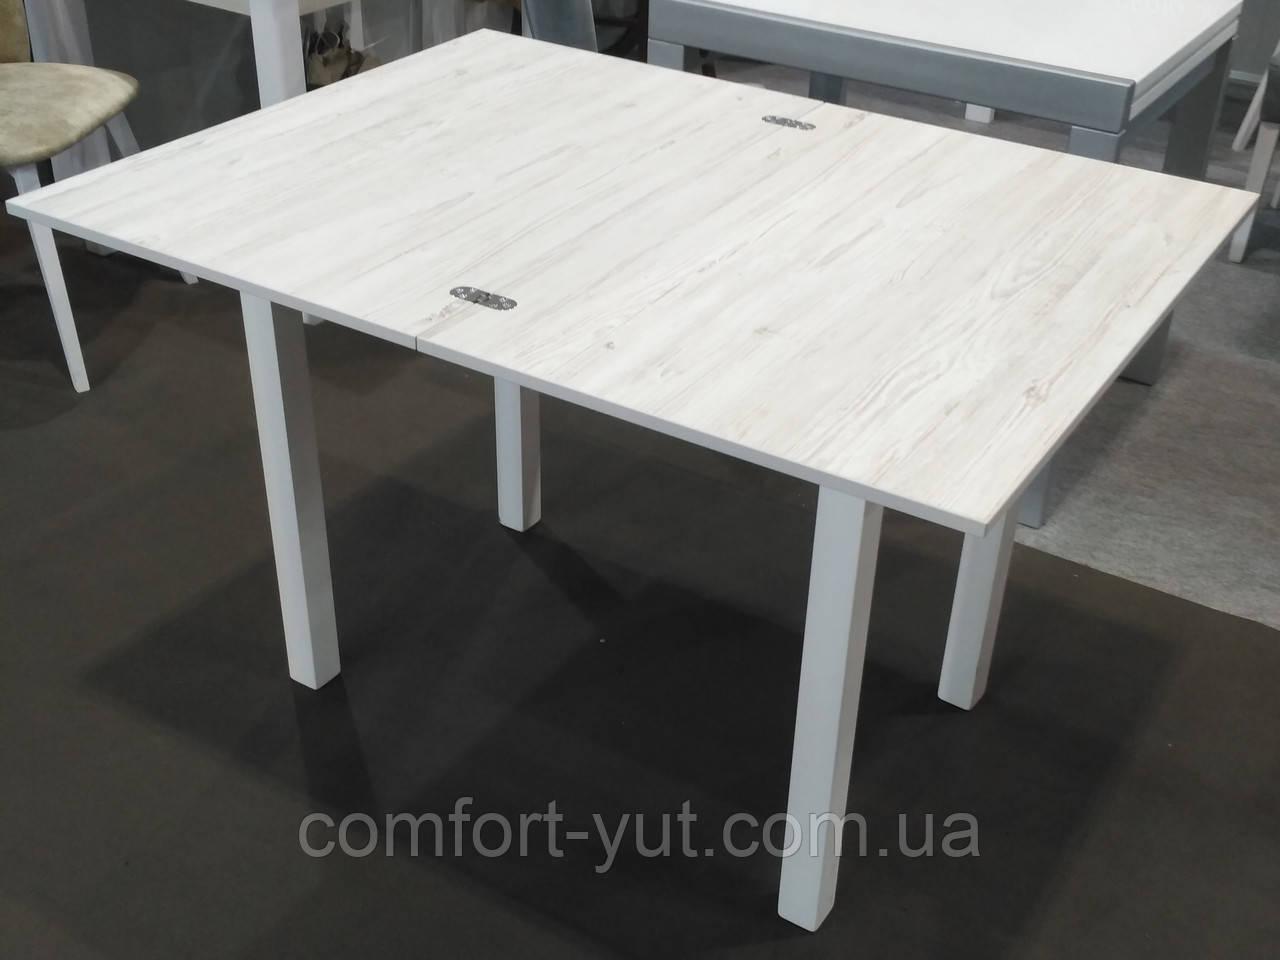 Стол кухонный раскладной обеденный Прага аляска -белый 90*60(120)*75см